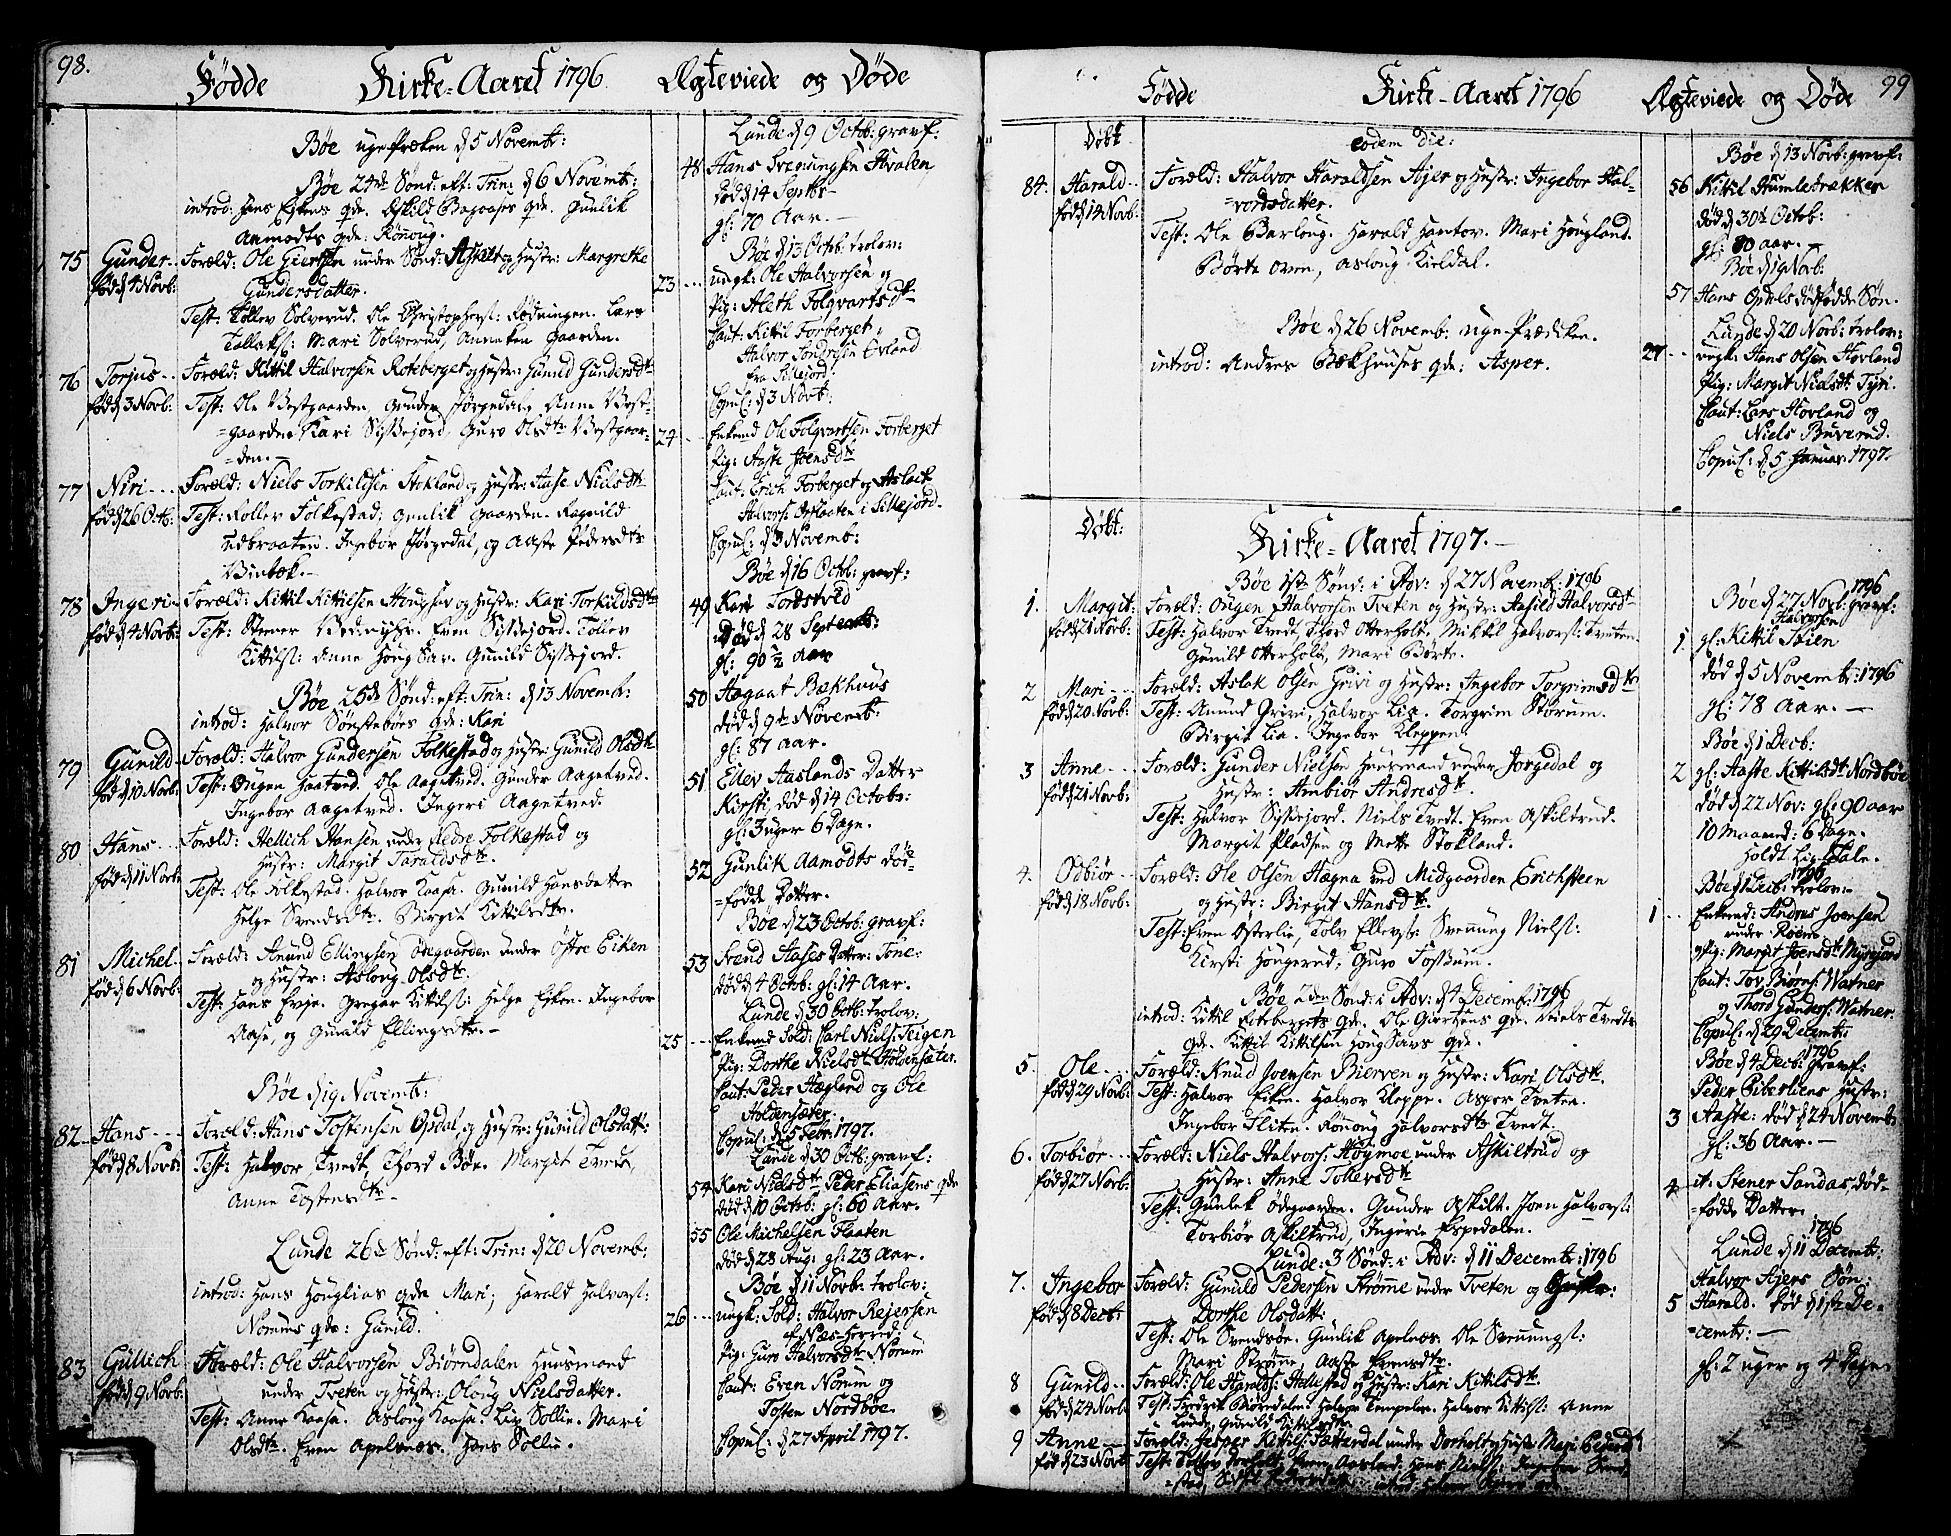 SAKO, Bø kirkebøker, F/Fa/L0005: Ministerialbok nr. 5, 1785-1815, s. 98-99